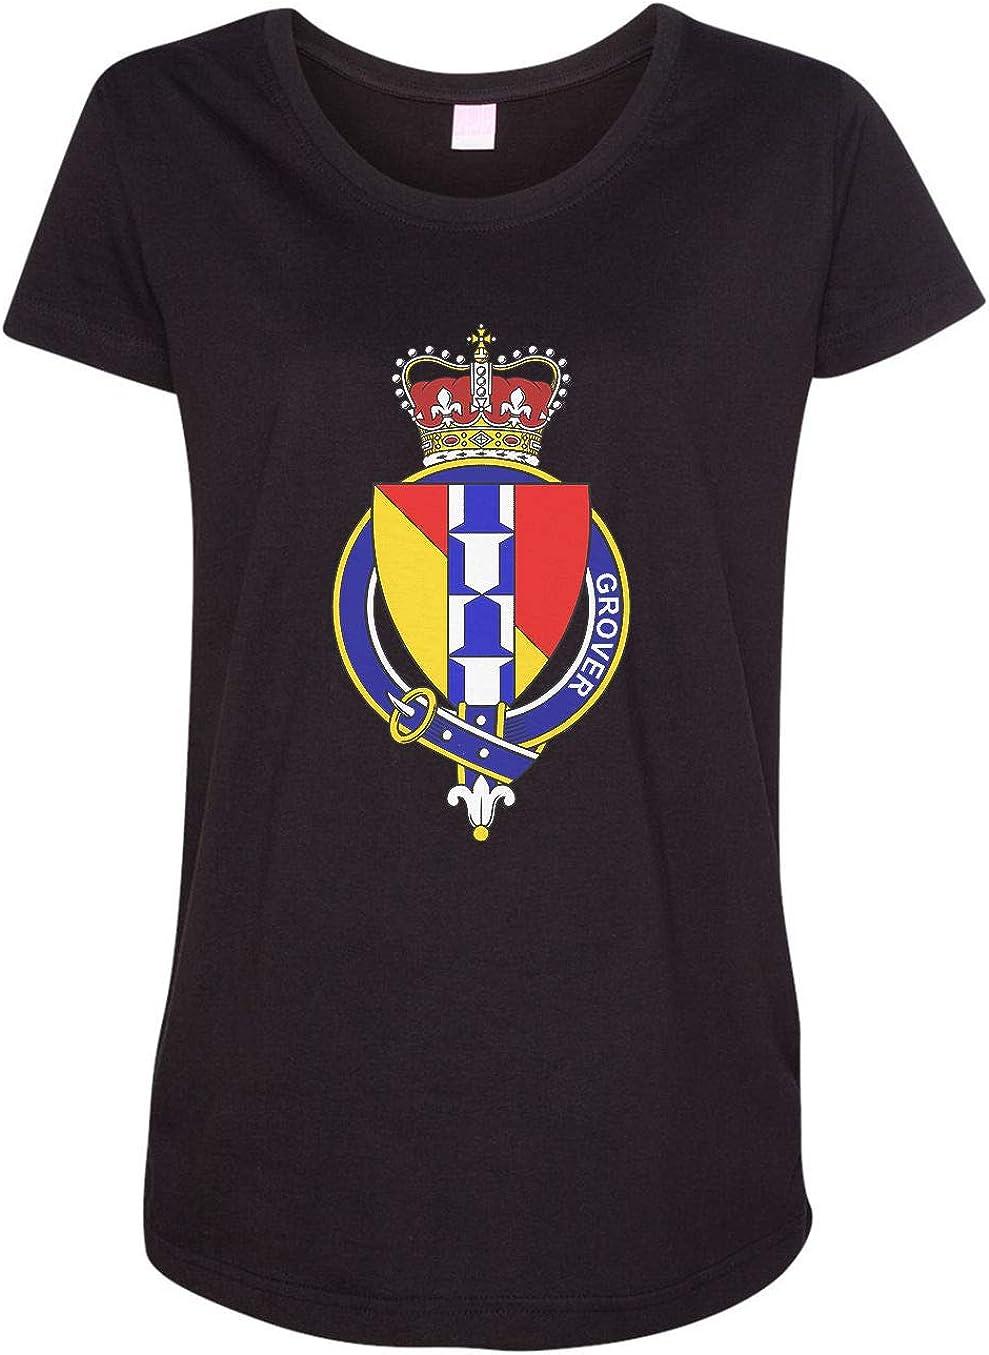 HARD EDGE DESIGN Women's English Garter Family Grover T-Shirt